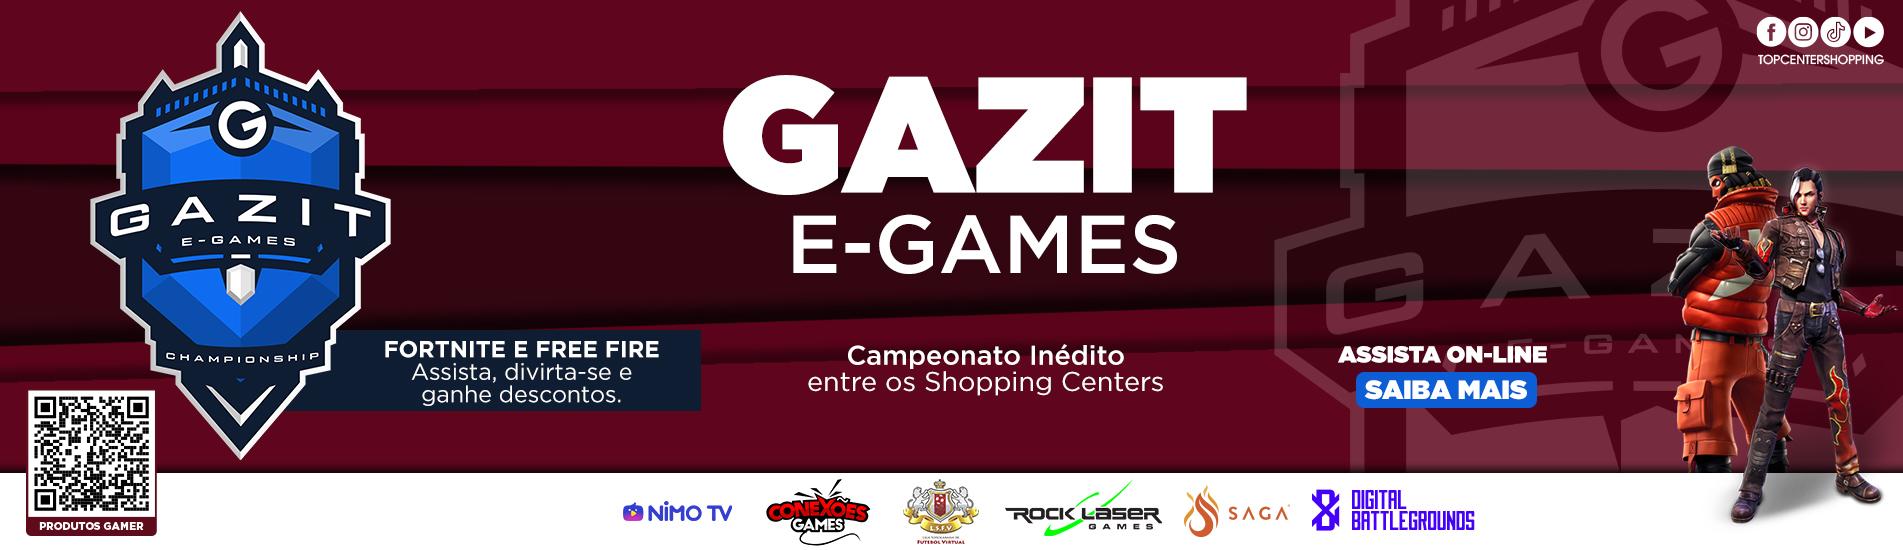 Campeonato Gazit e-Games